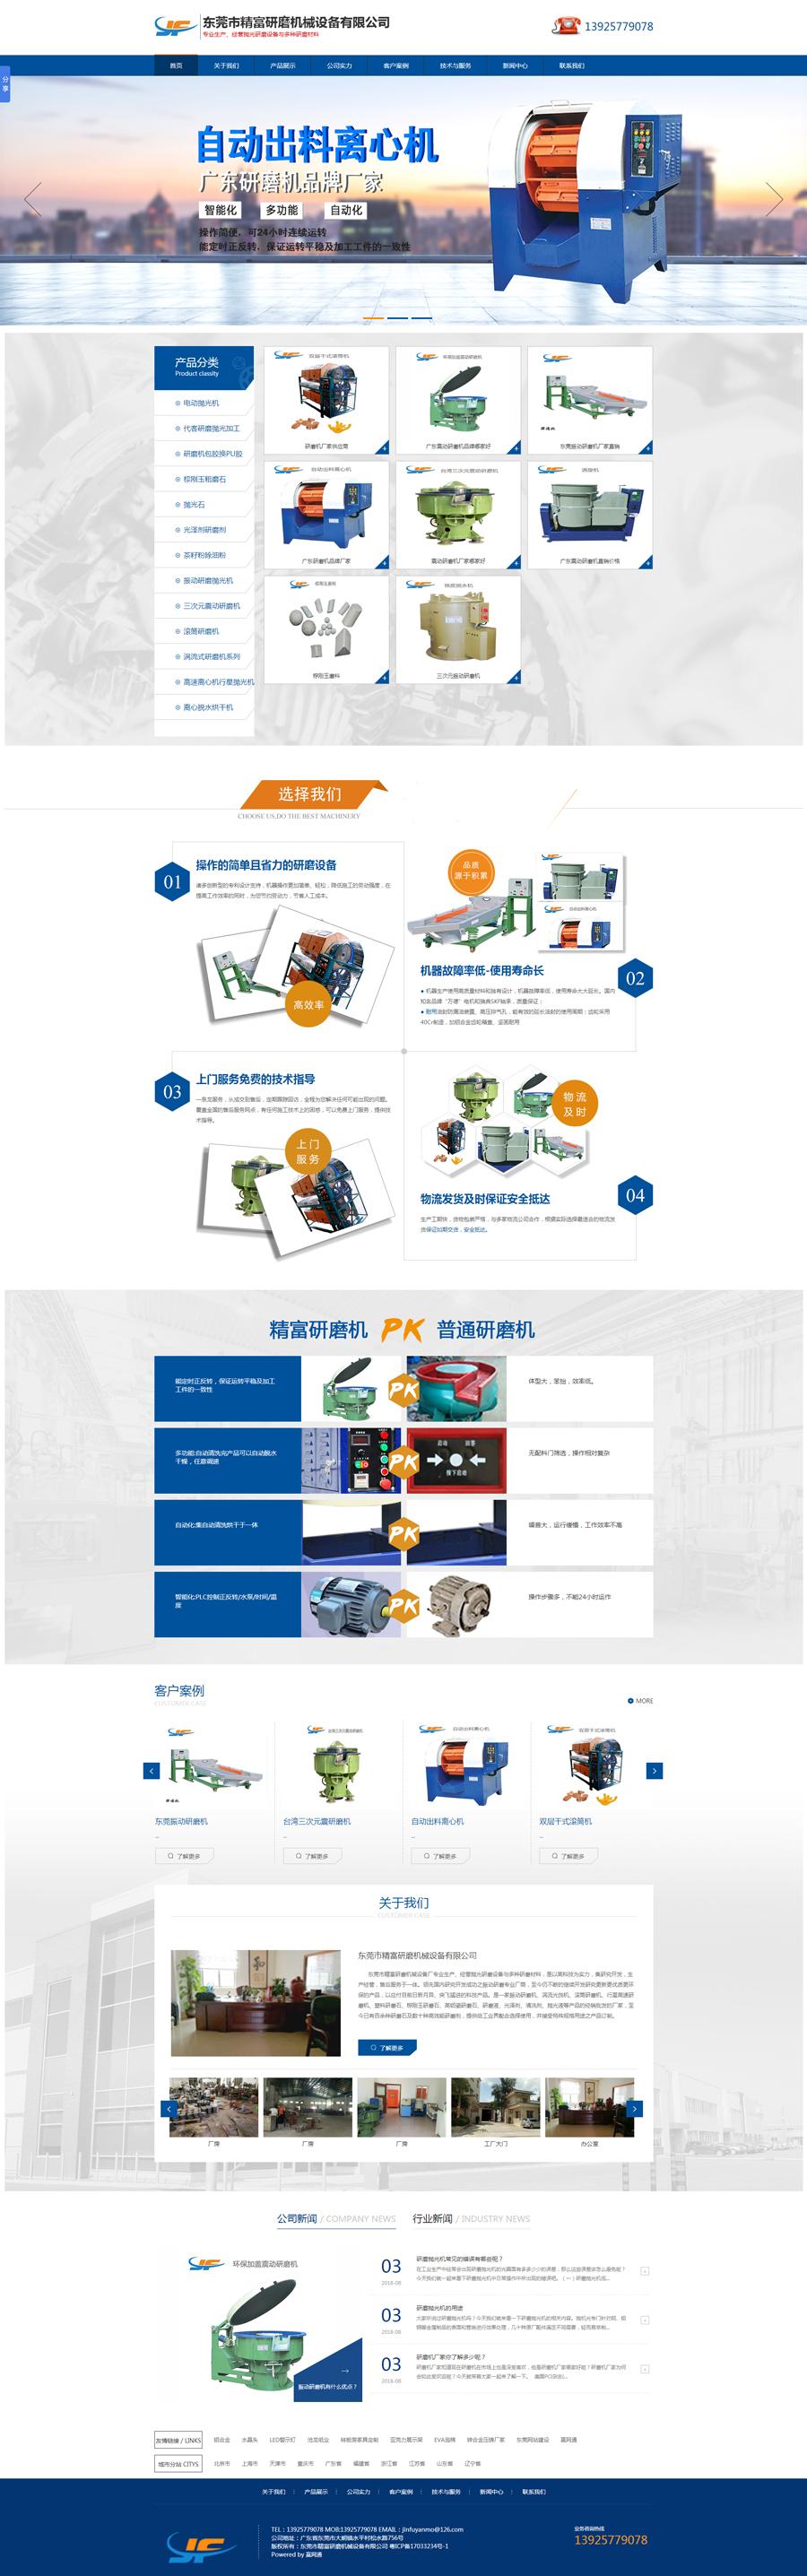 東莞市精富研磨機械設備有限公司--東莞市精富研磨機械設備有限公司.jpg